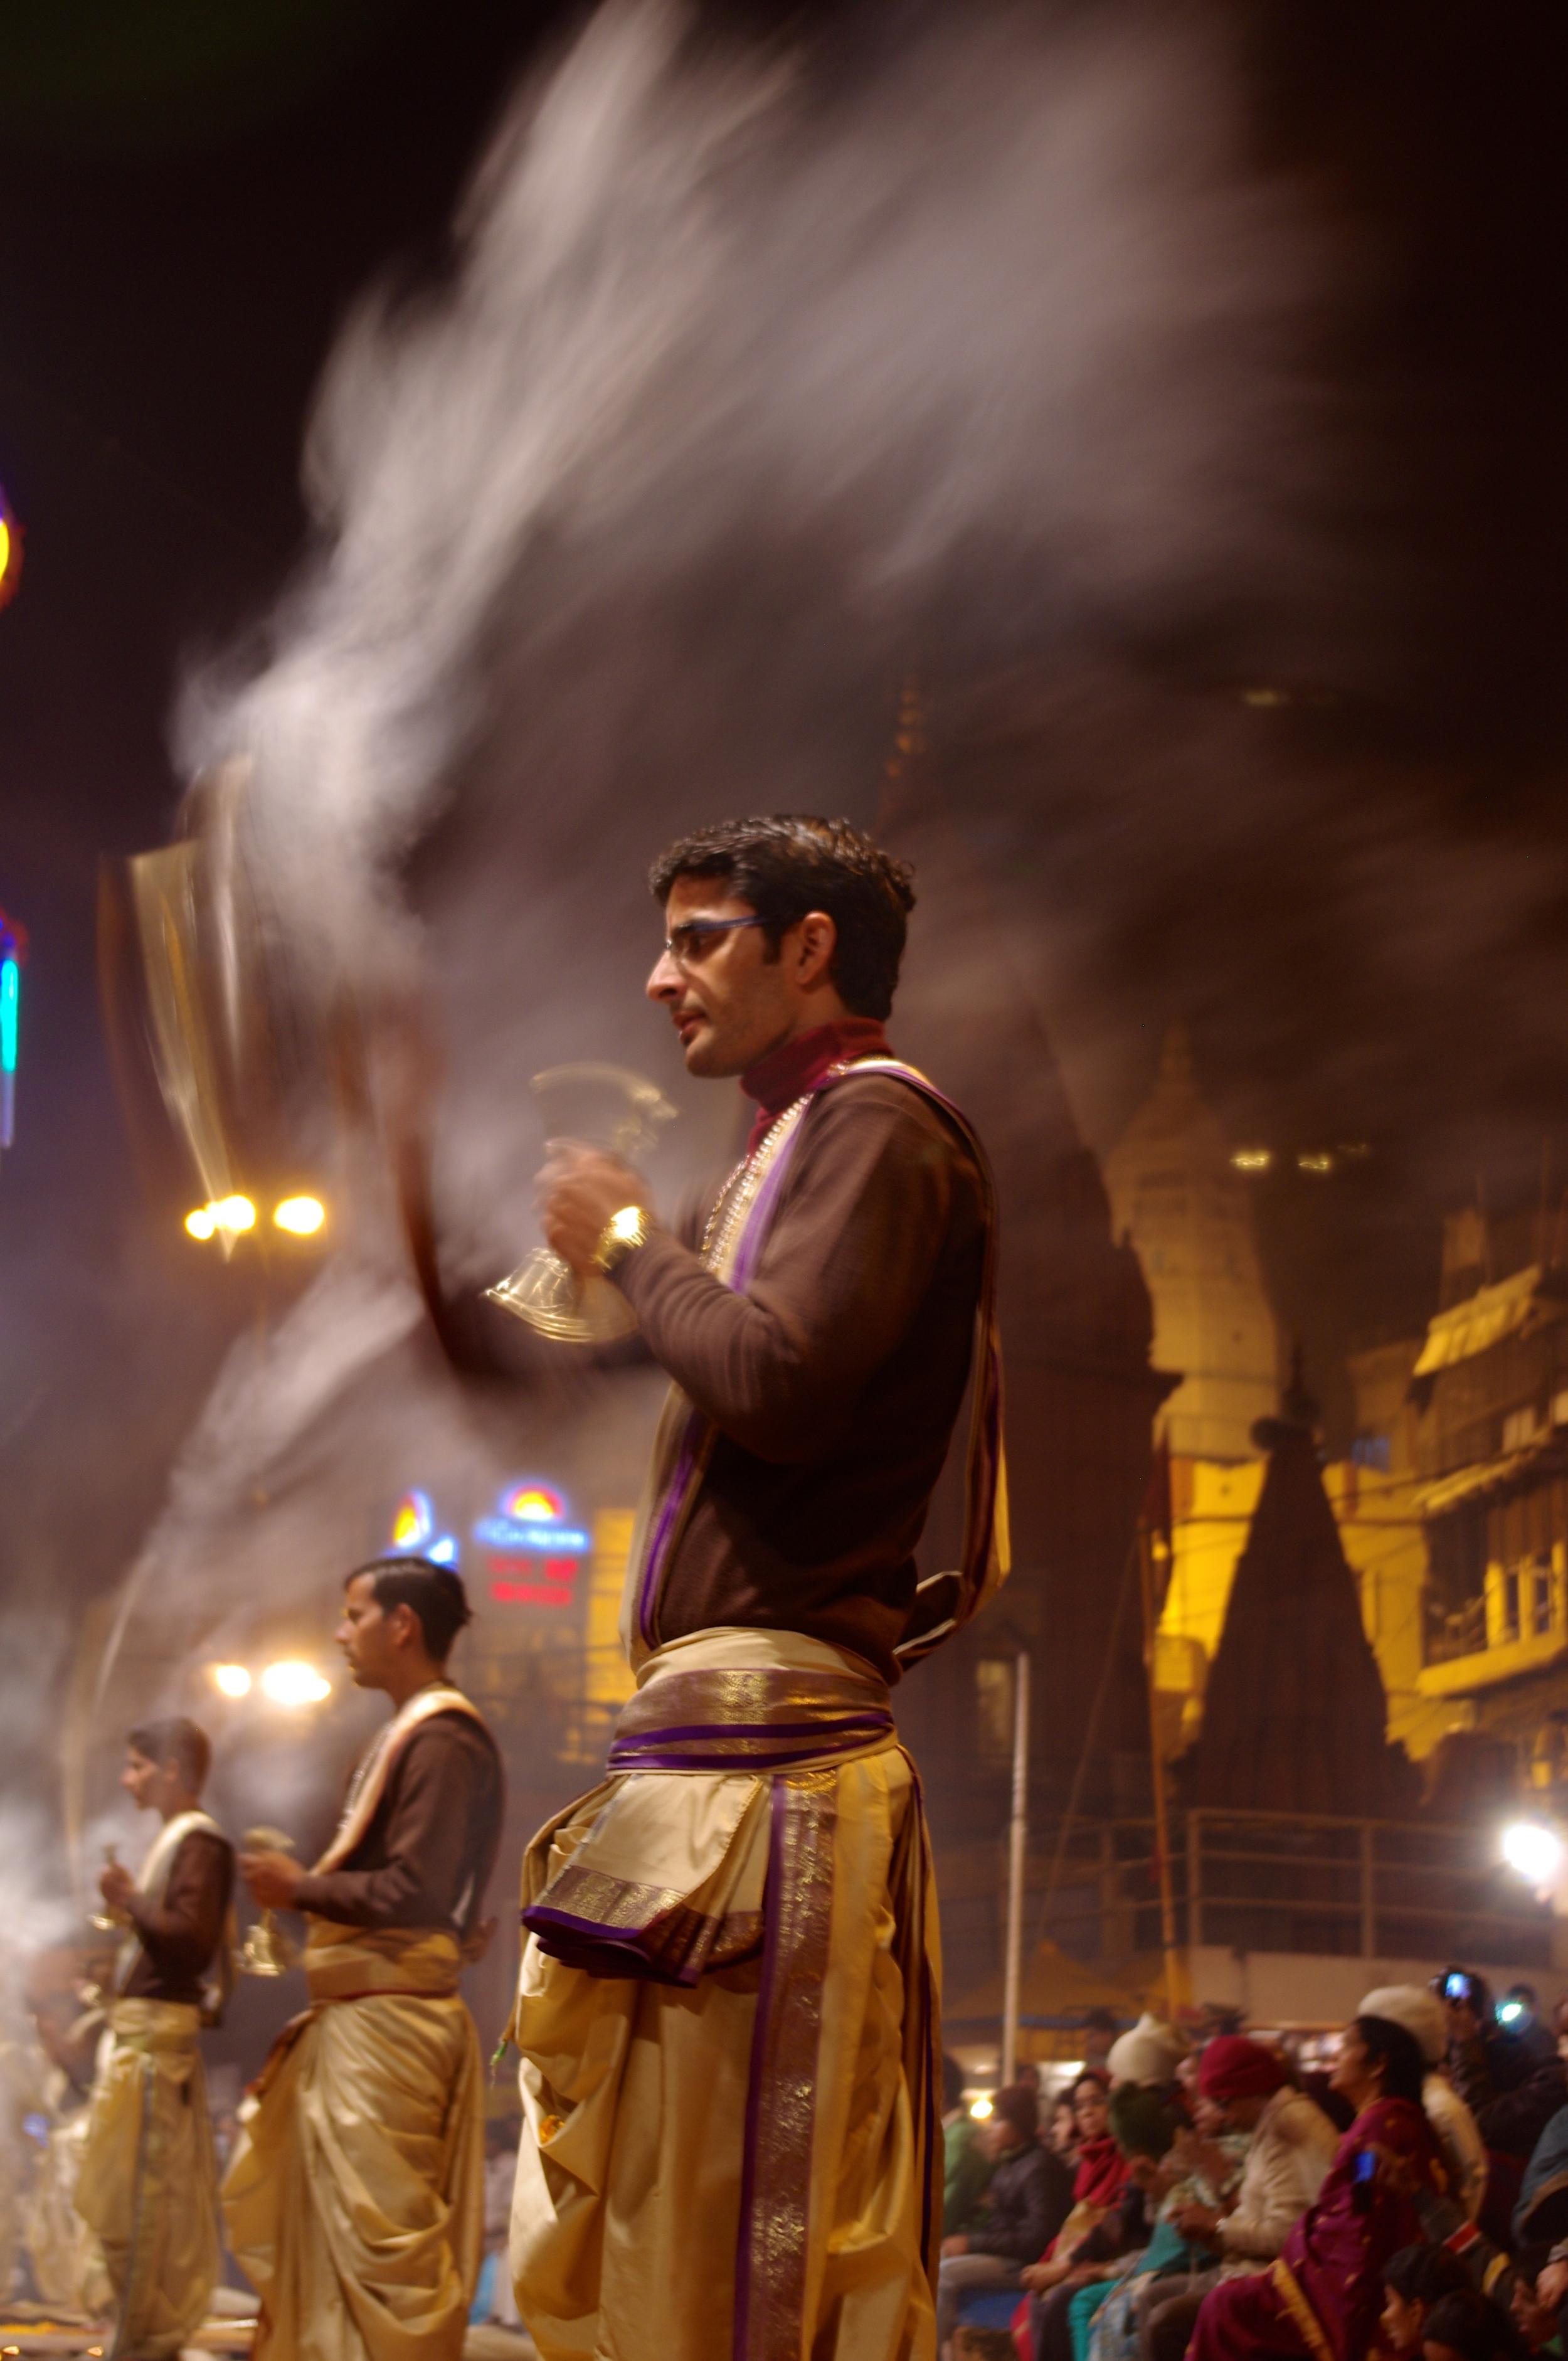 A Hindu Priest performs